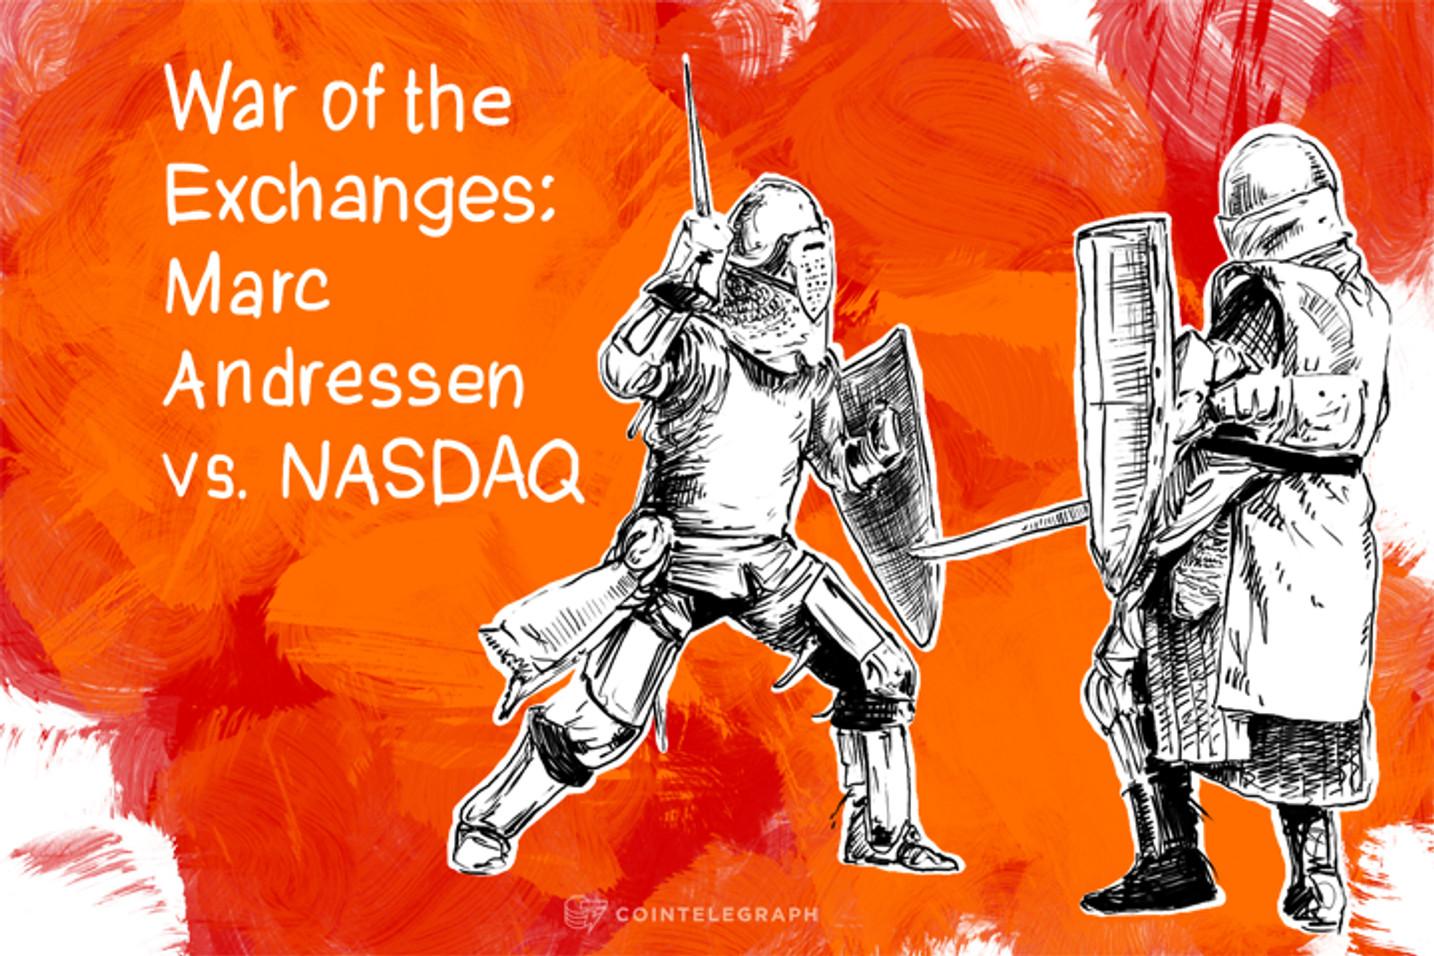 War of the Exchanges: Marc Andressen vs. NASDAQ